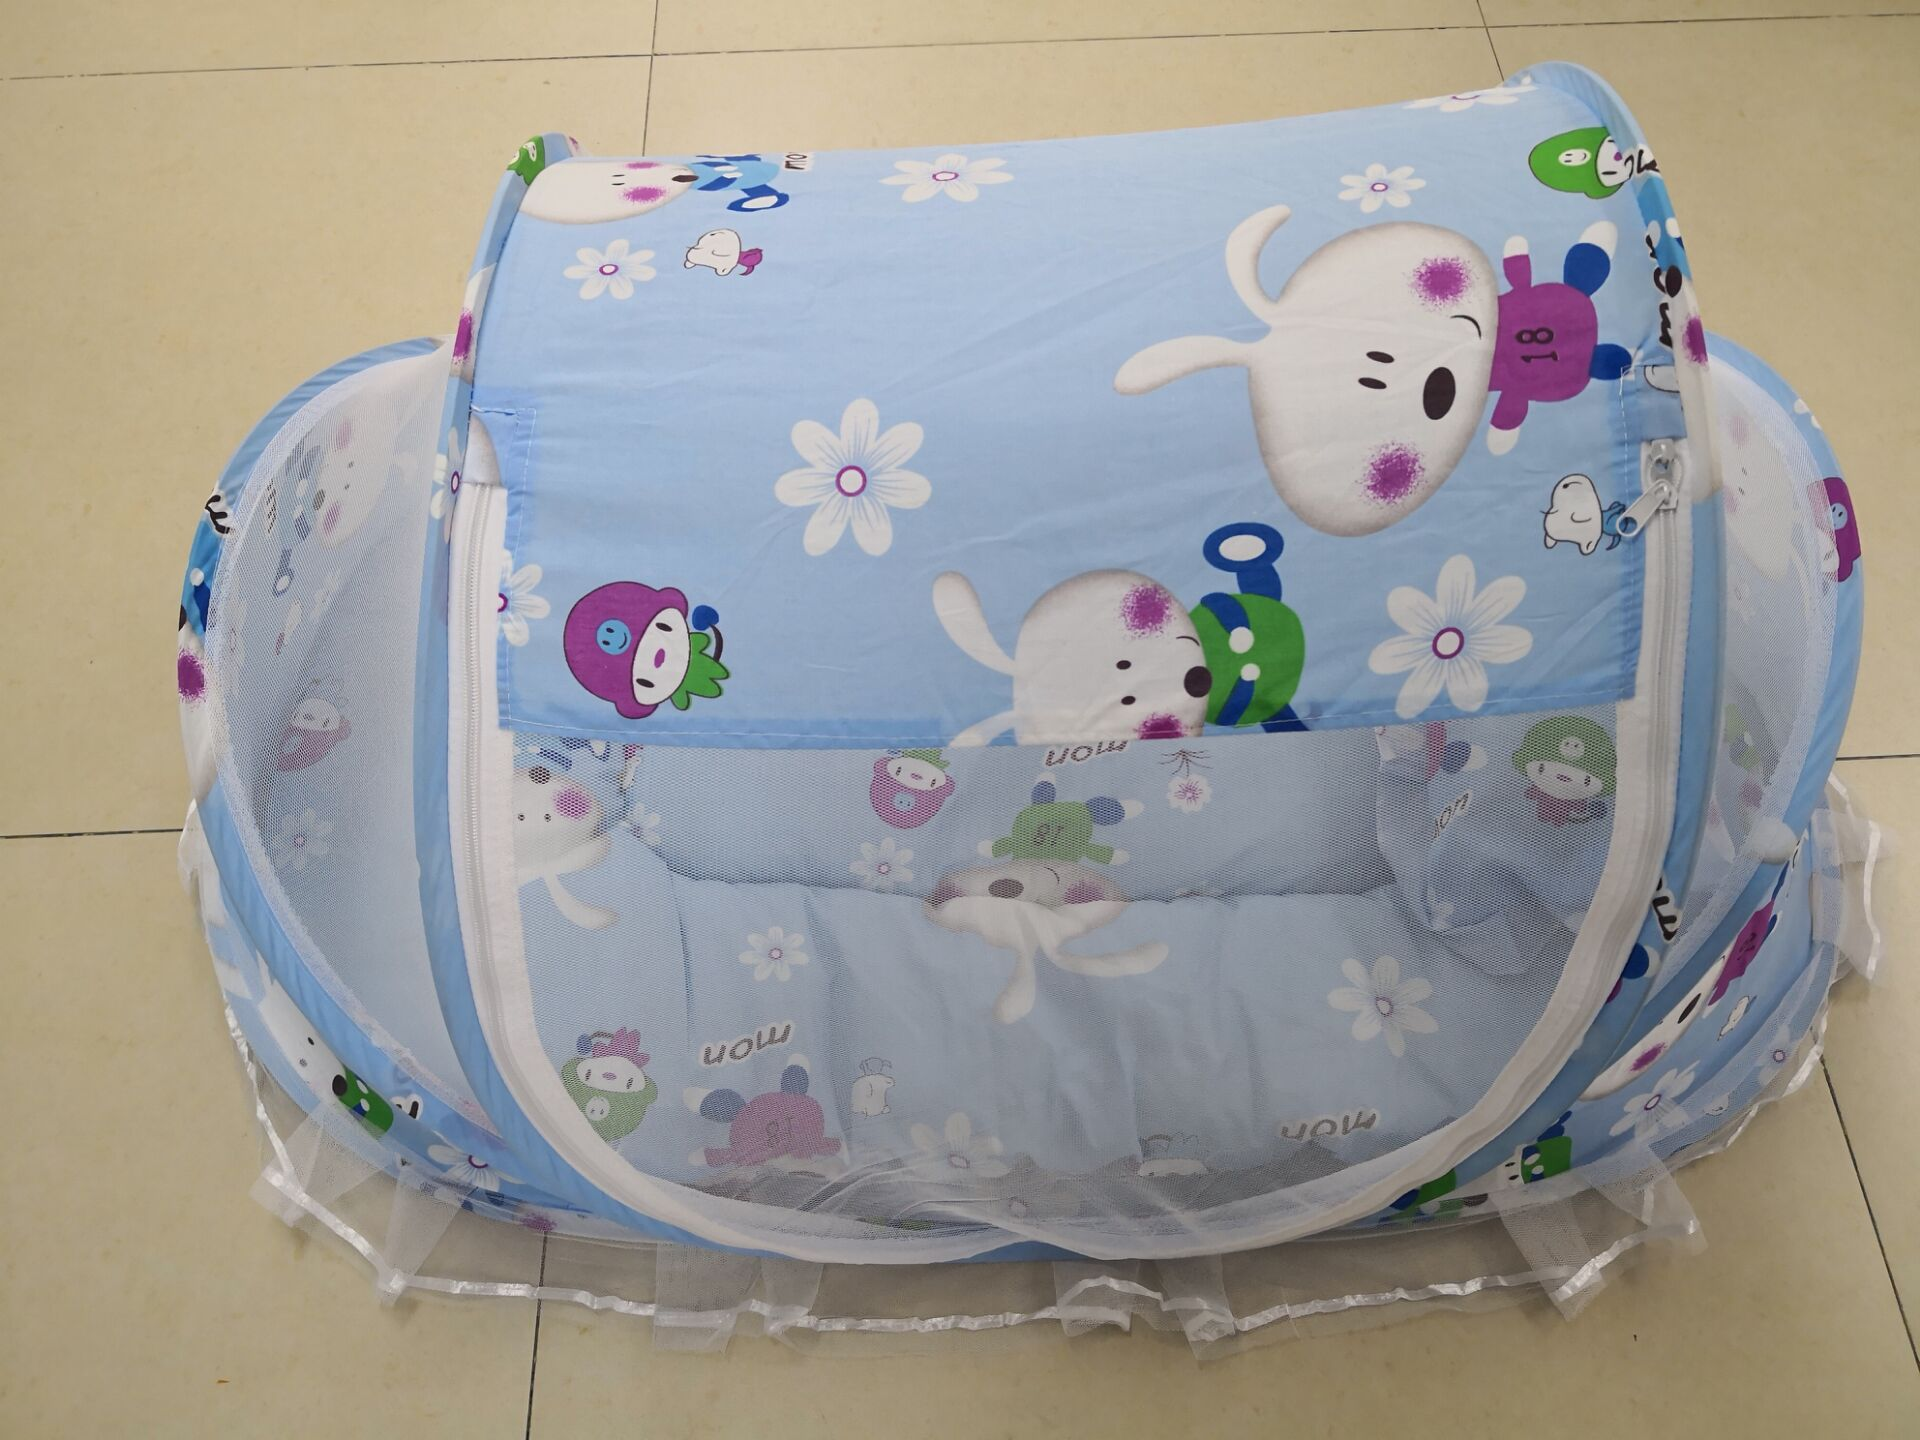 Москитная сетка для детей с подушкой для сна, Детские сетки с бесплатной установкой